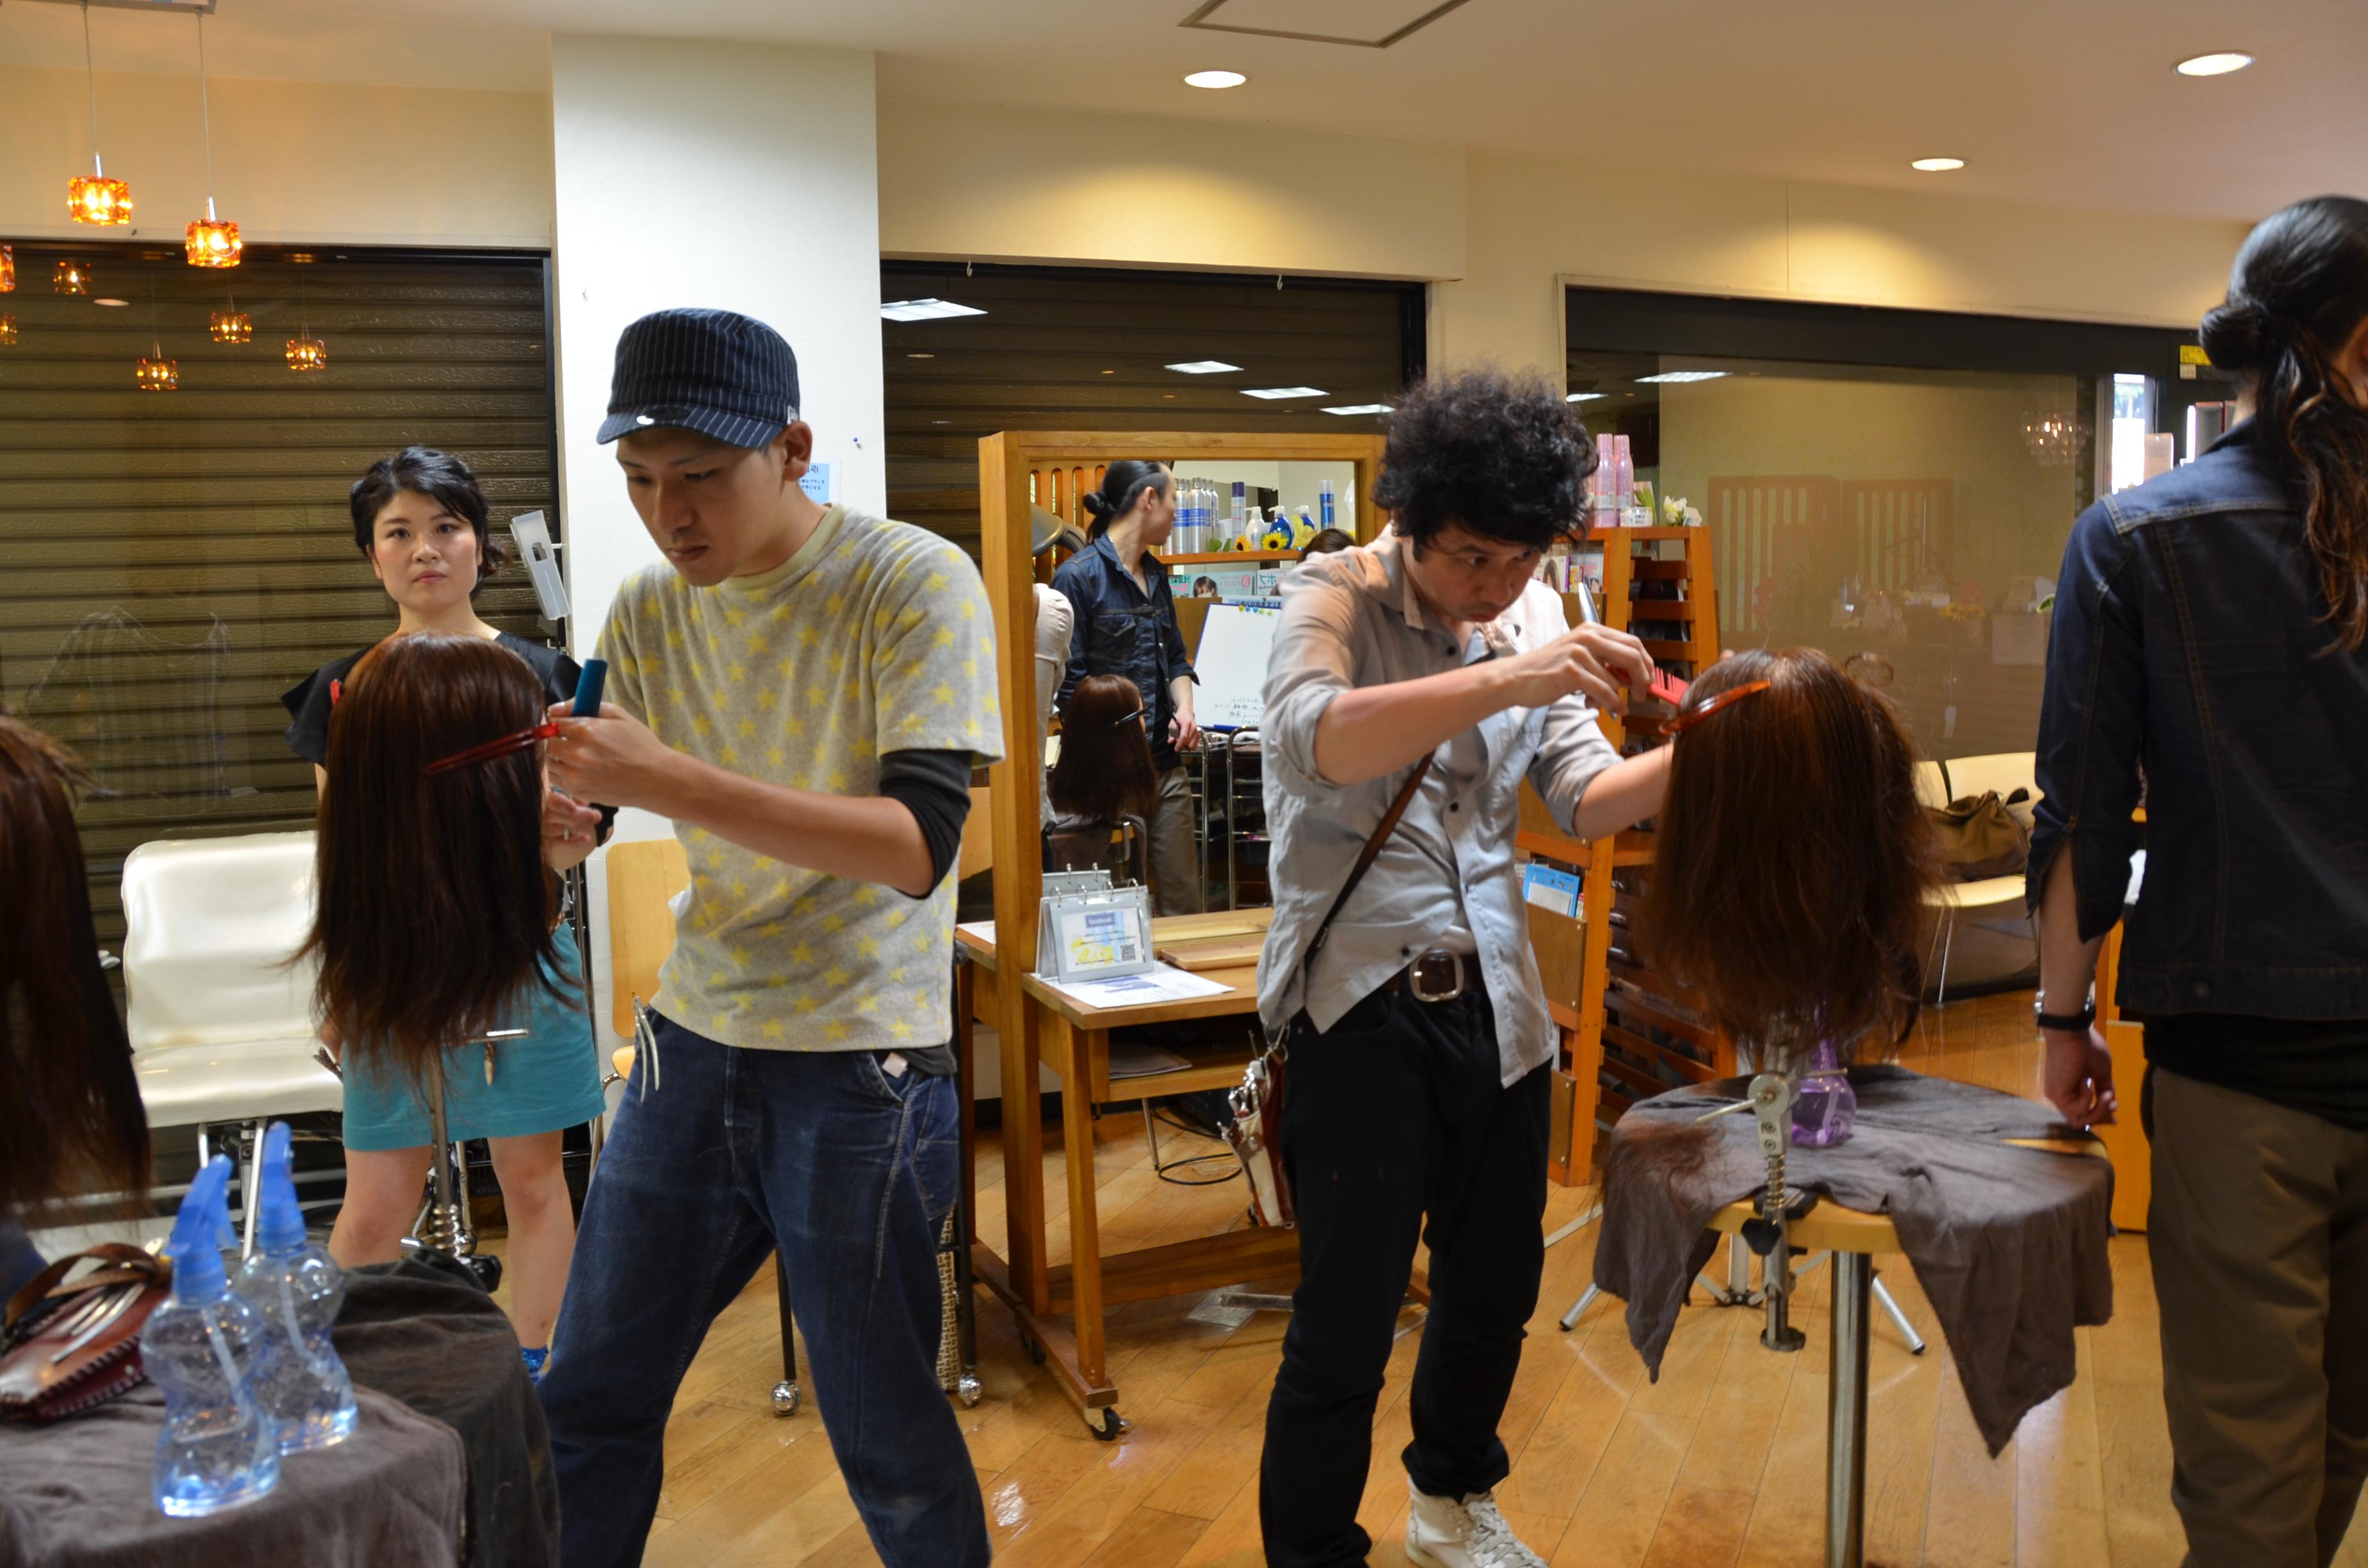 成田・富里のヘアサロン・美容院・美容室エムズハウスでは、社外&社内講習に参加、月1回ボランティアカットしています